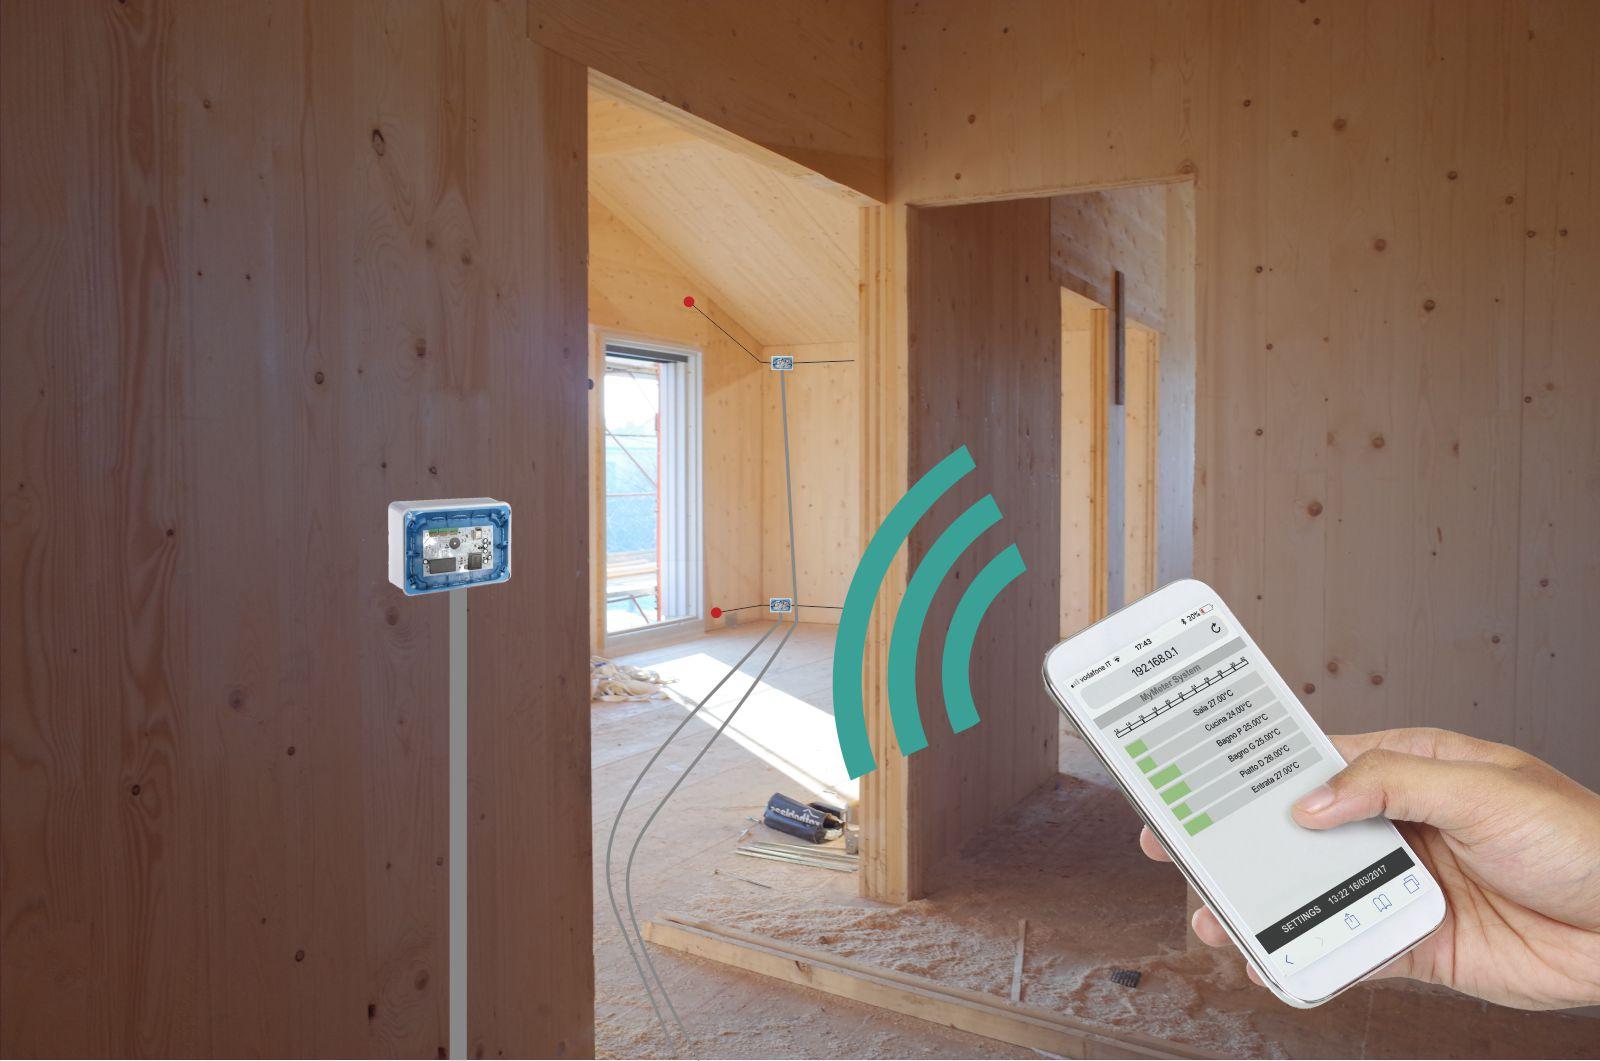 Esempio di posa provvisoria di MyMeter per poter monitorare la struttura già in fase di cantierizzazione